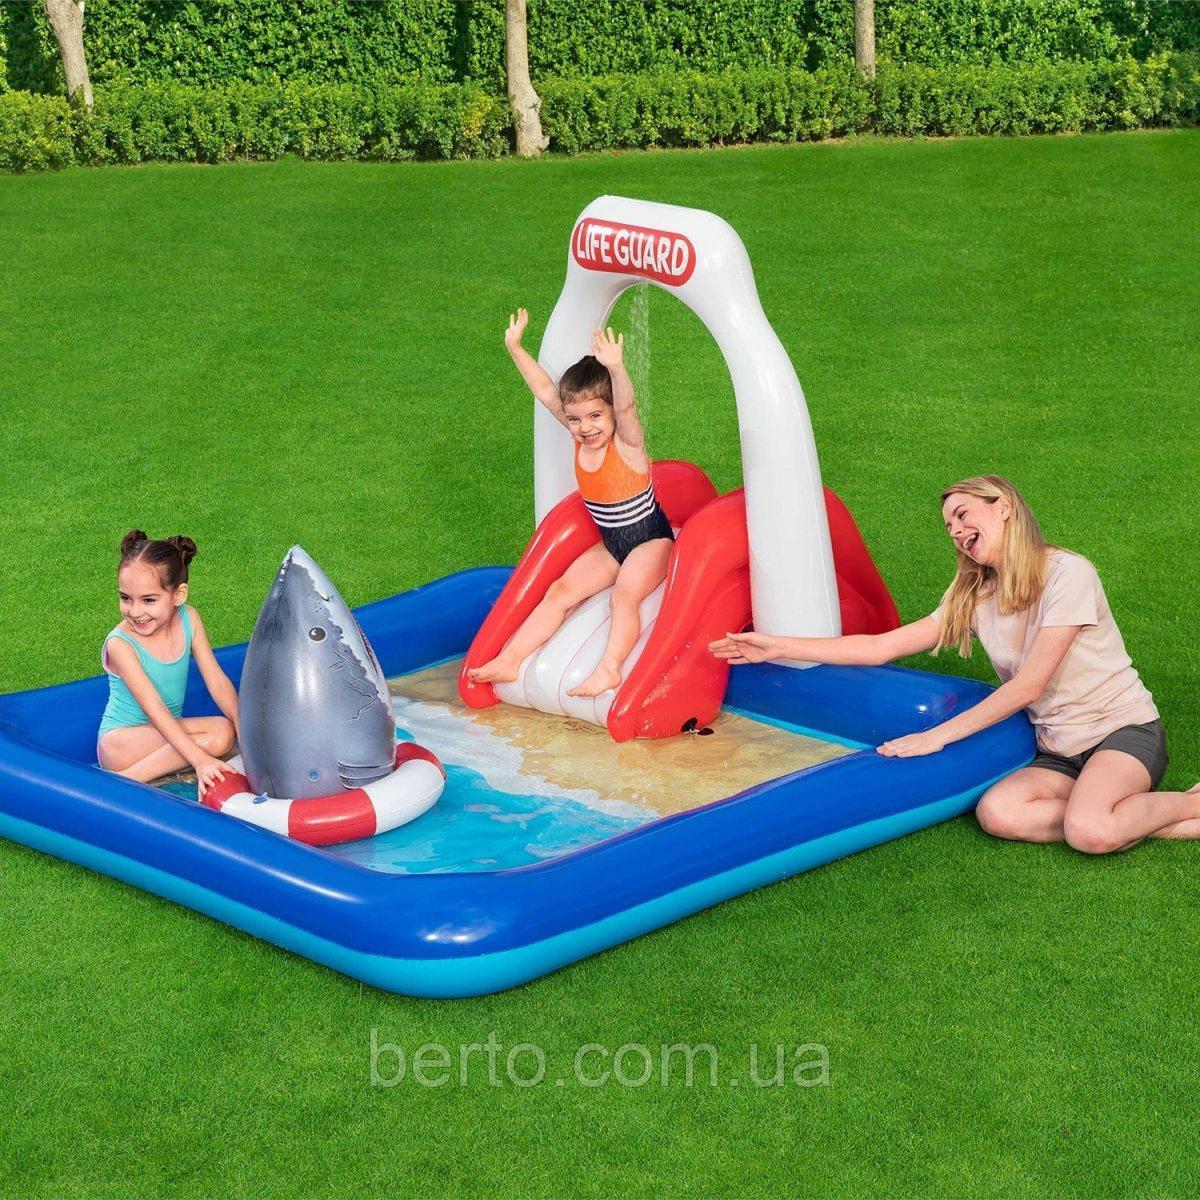 Детский надувной игровой бассейн с горкой 234*203 см, Intex 53079